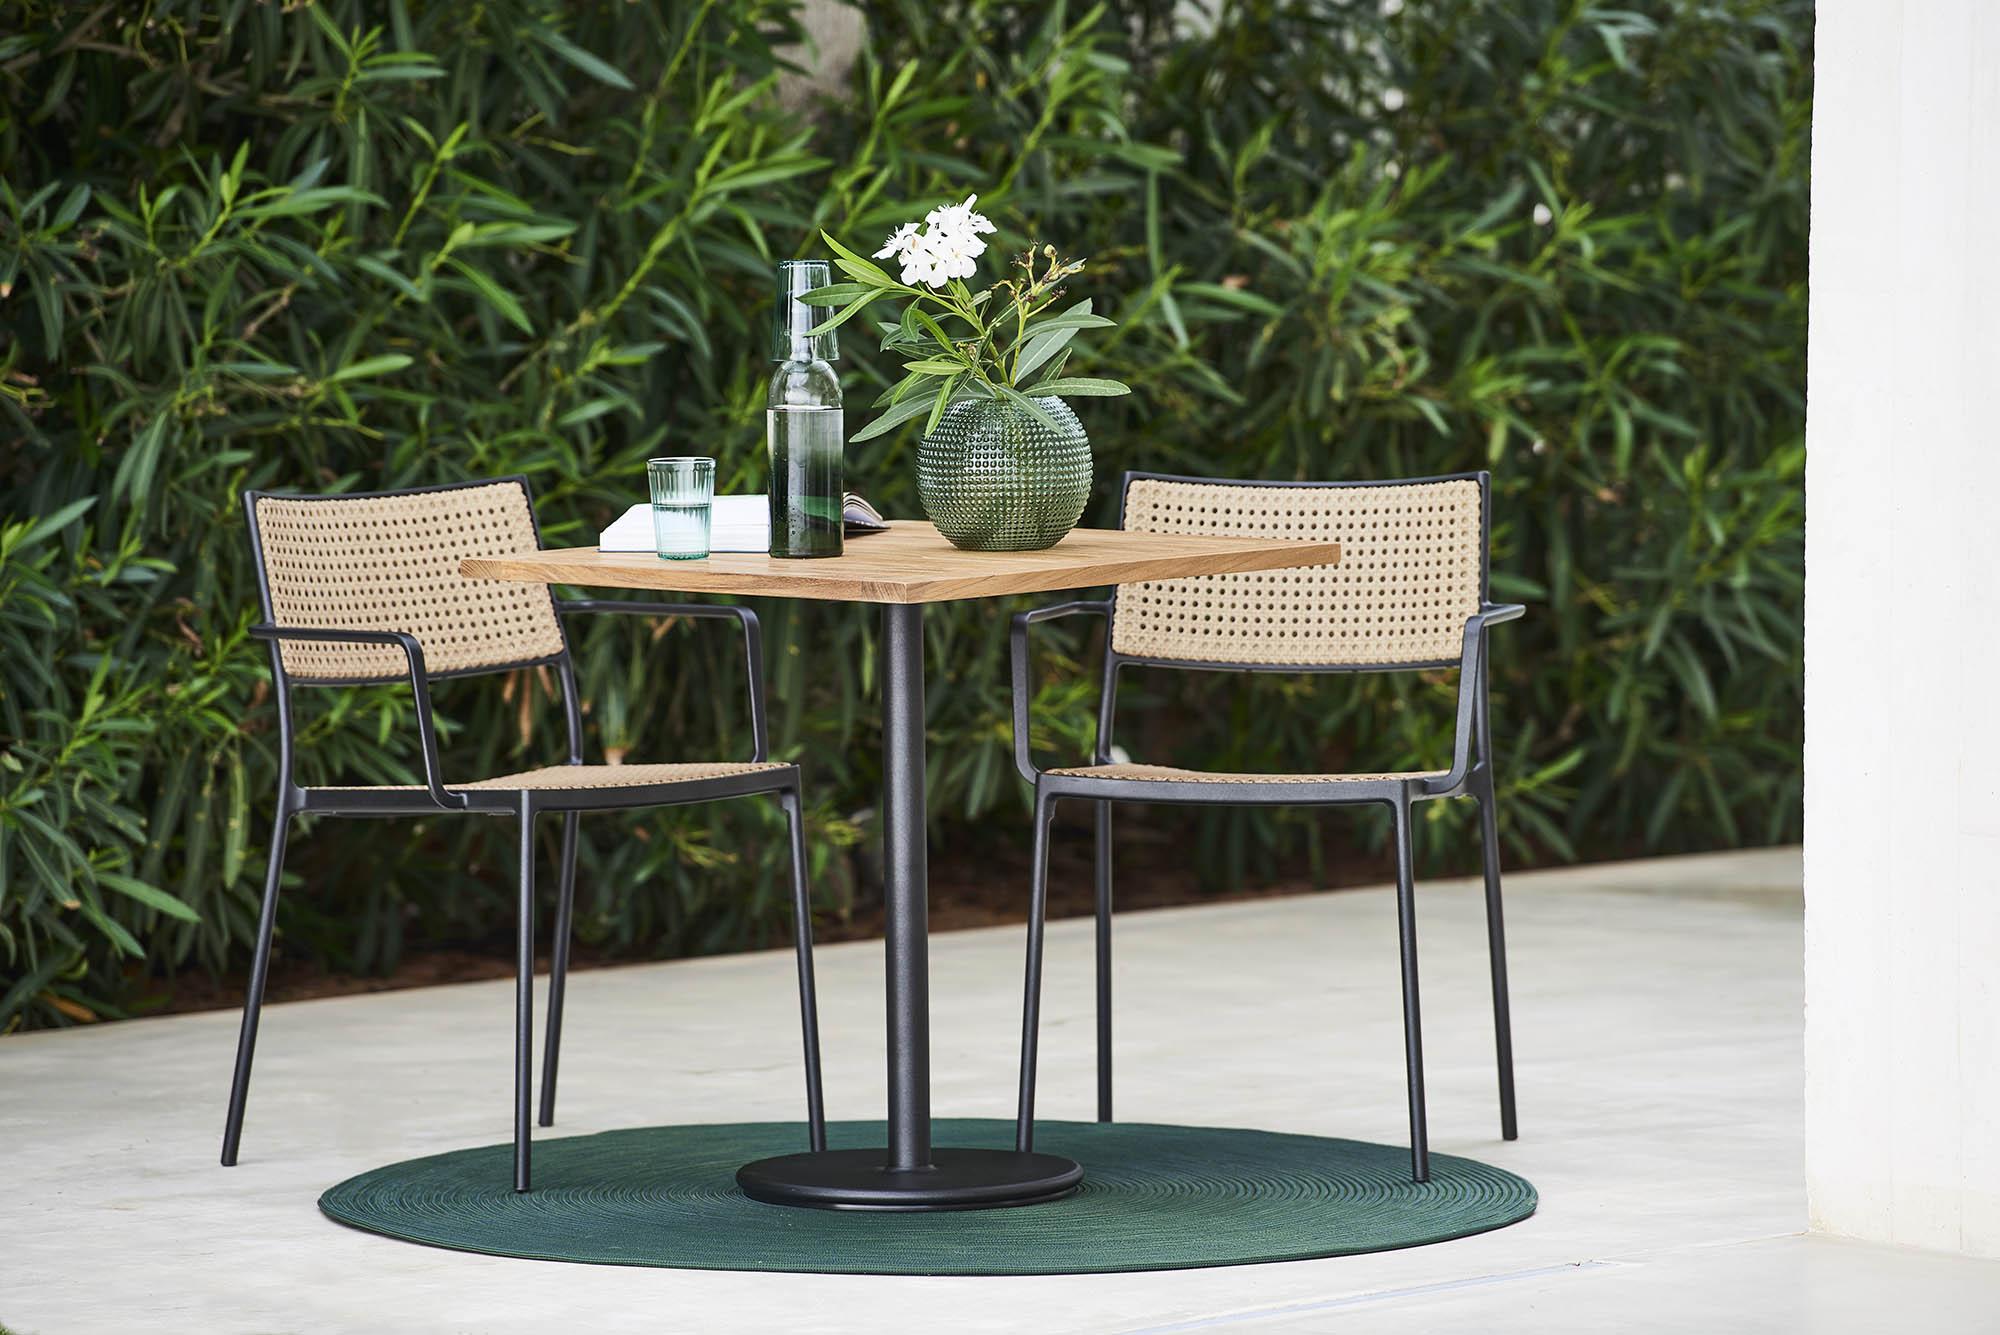 Miljöbild av Lean karmstolar och Go cafébord från Cane-Line.